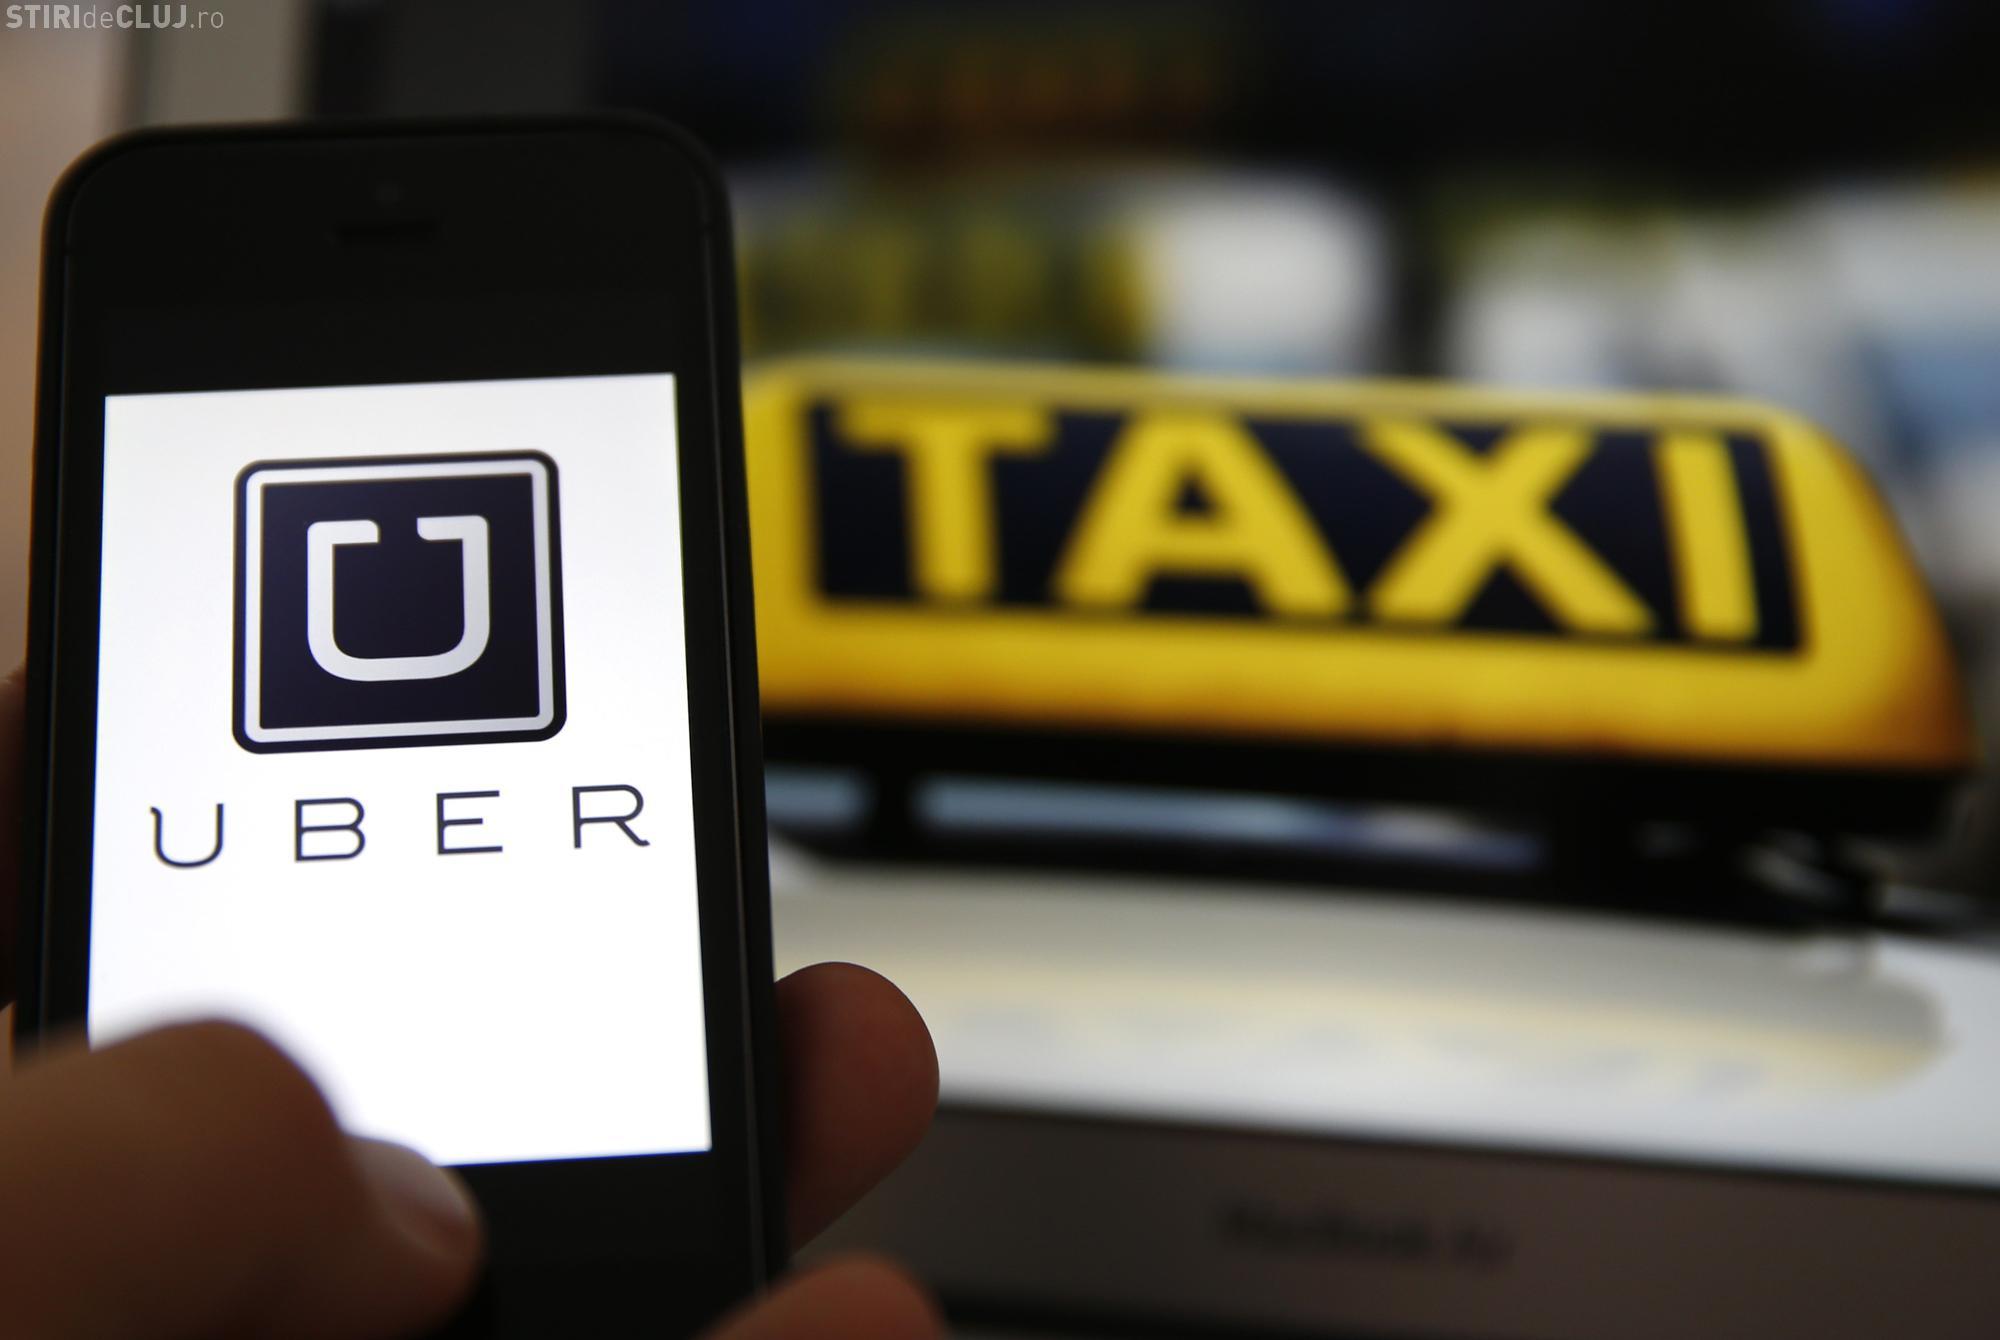 Guvernul pregăteşte o lovitură la adresa UBER